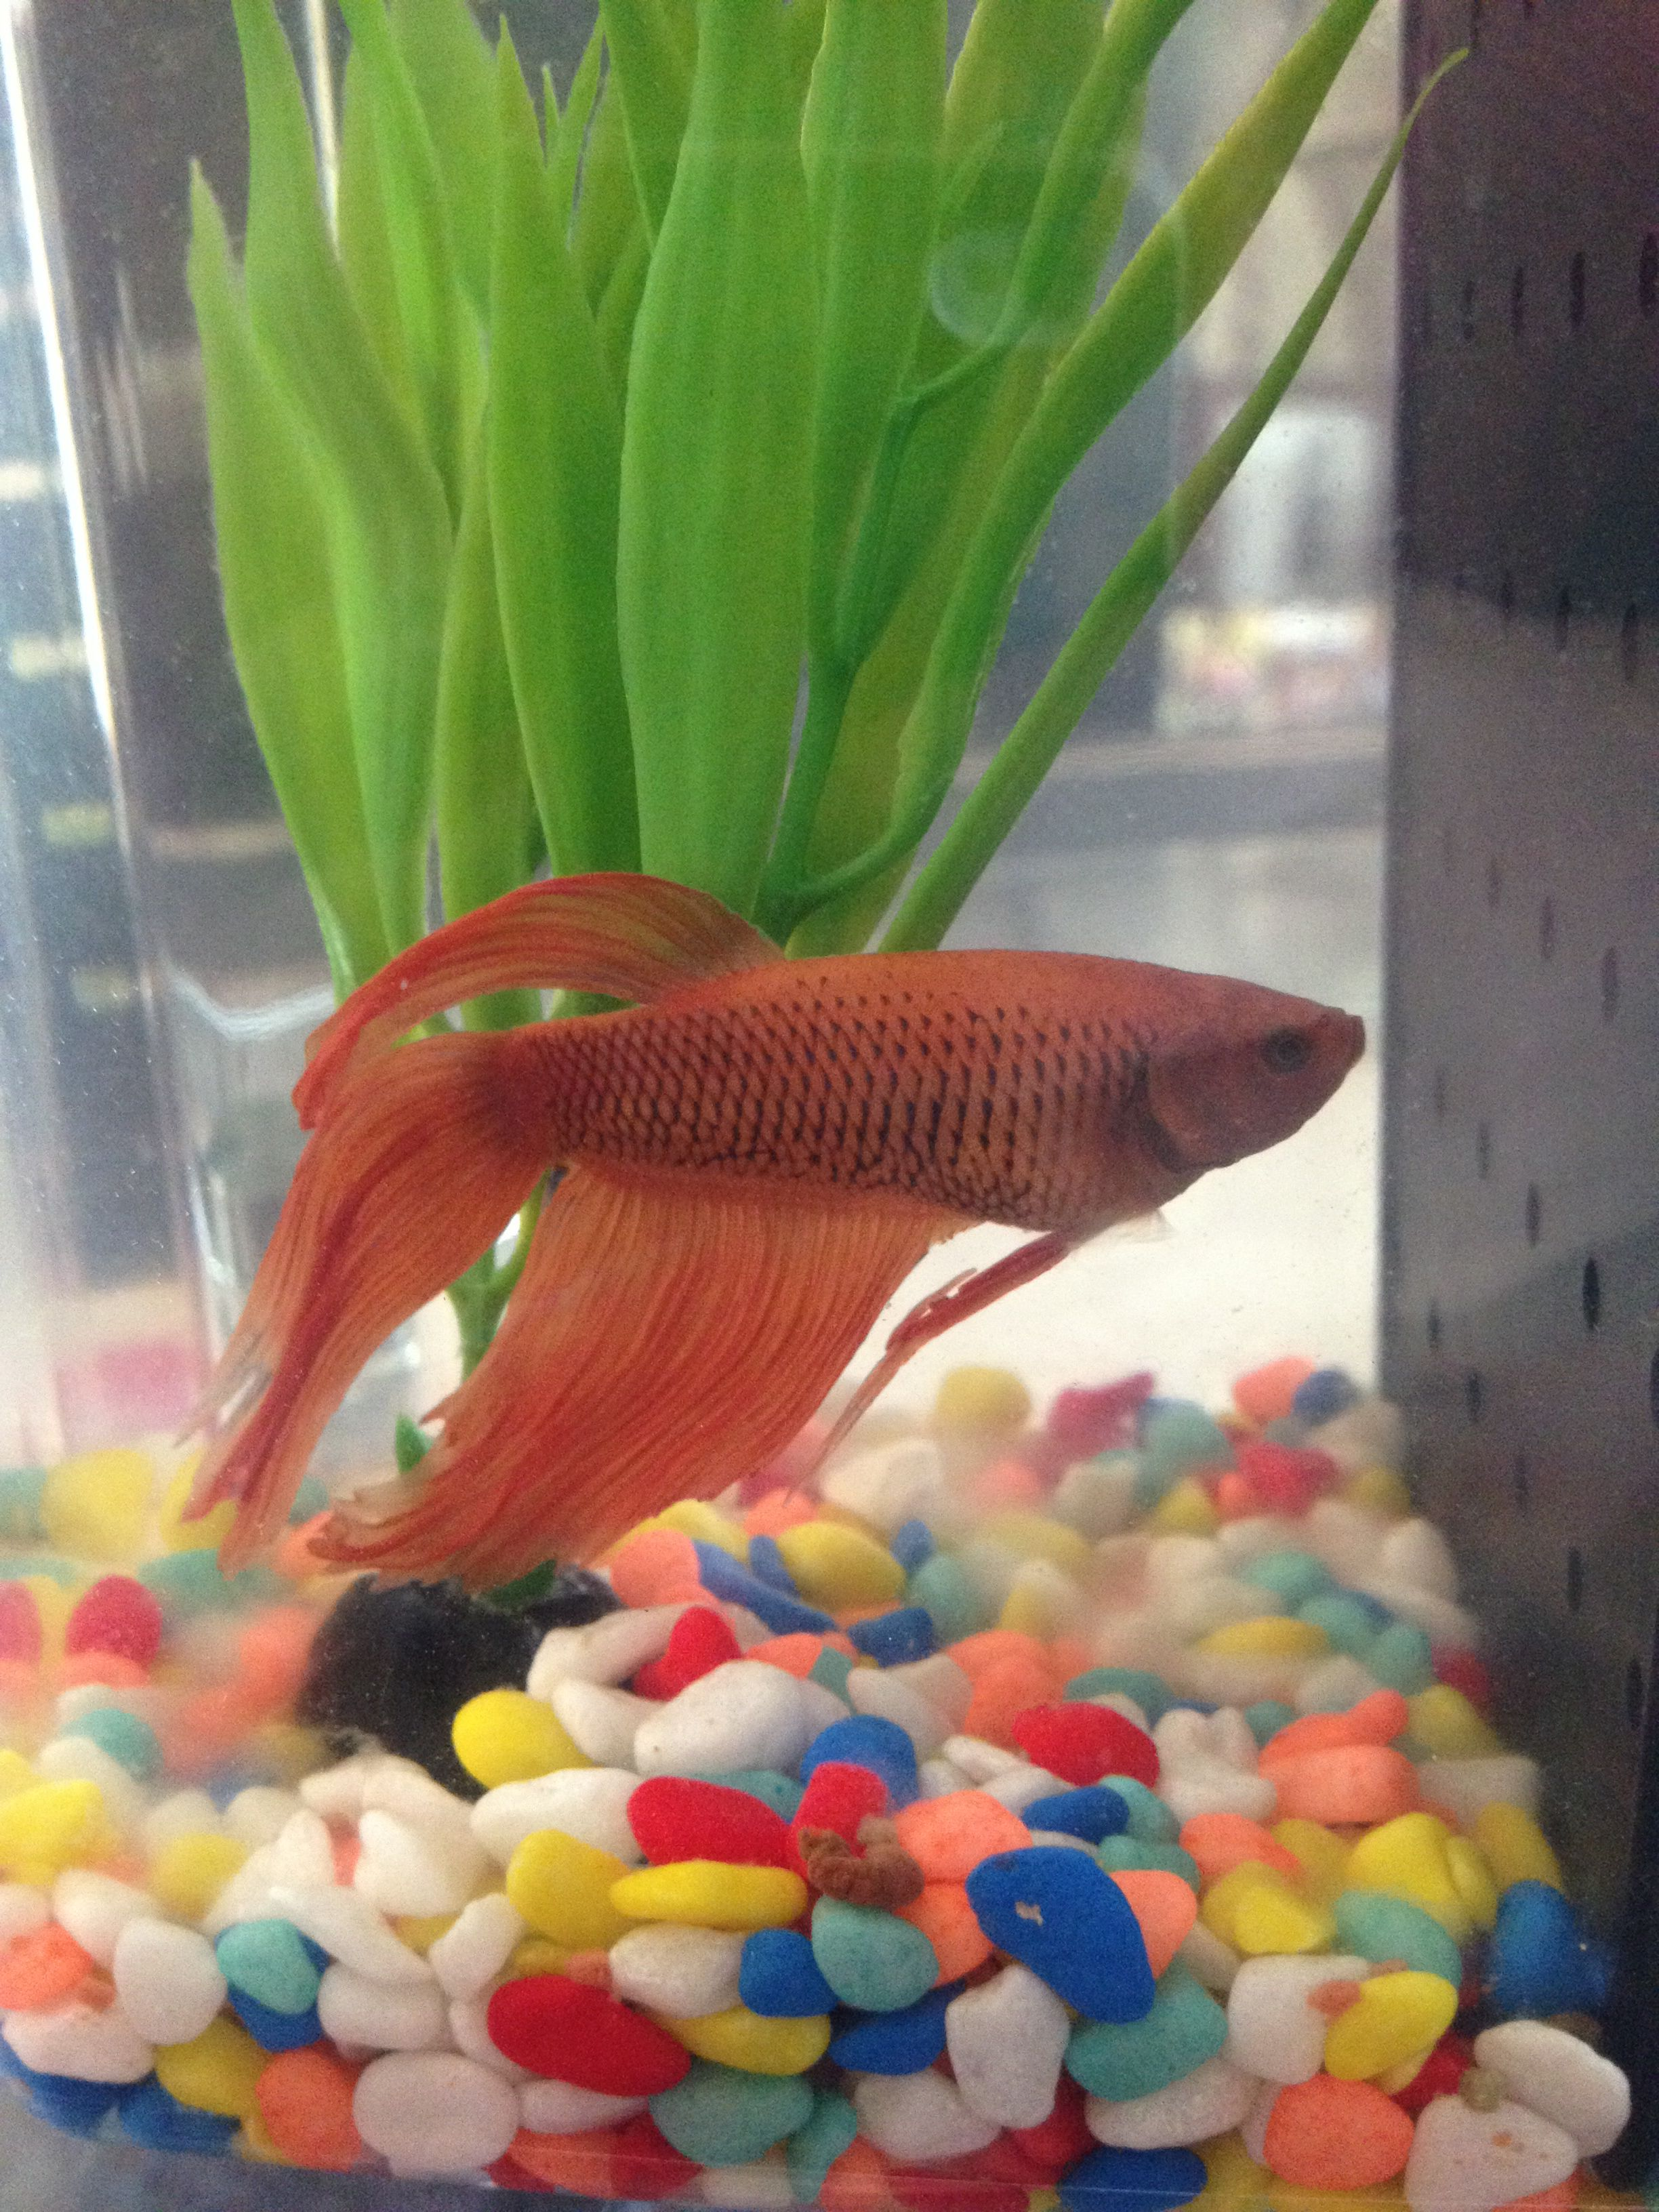 My orange betta his name is Nemo | Betta Fish | Pinterest | Betta ...